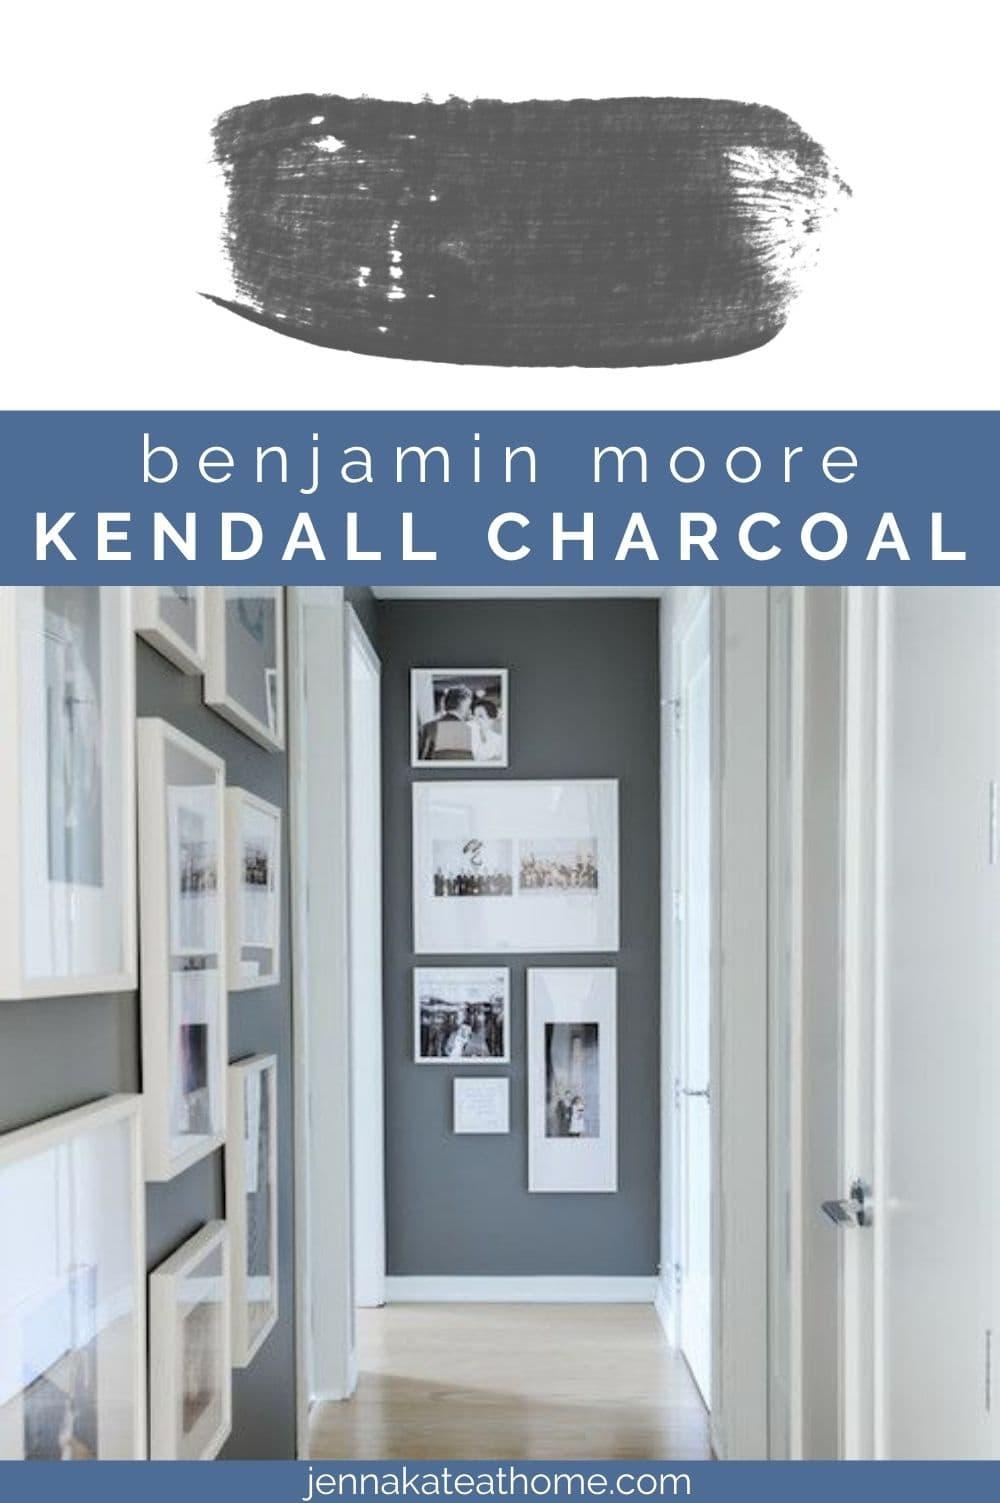 Benjamin Moore Kendall Charcoal pin